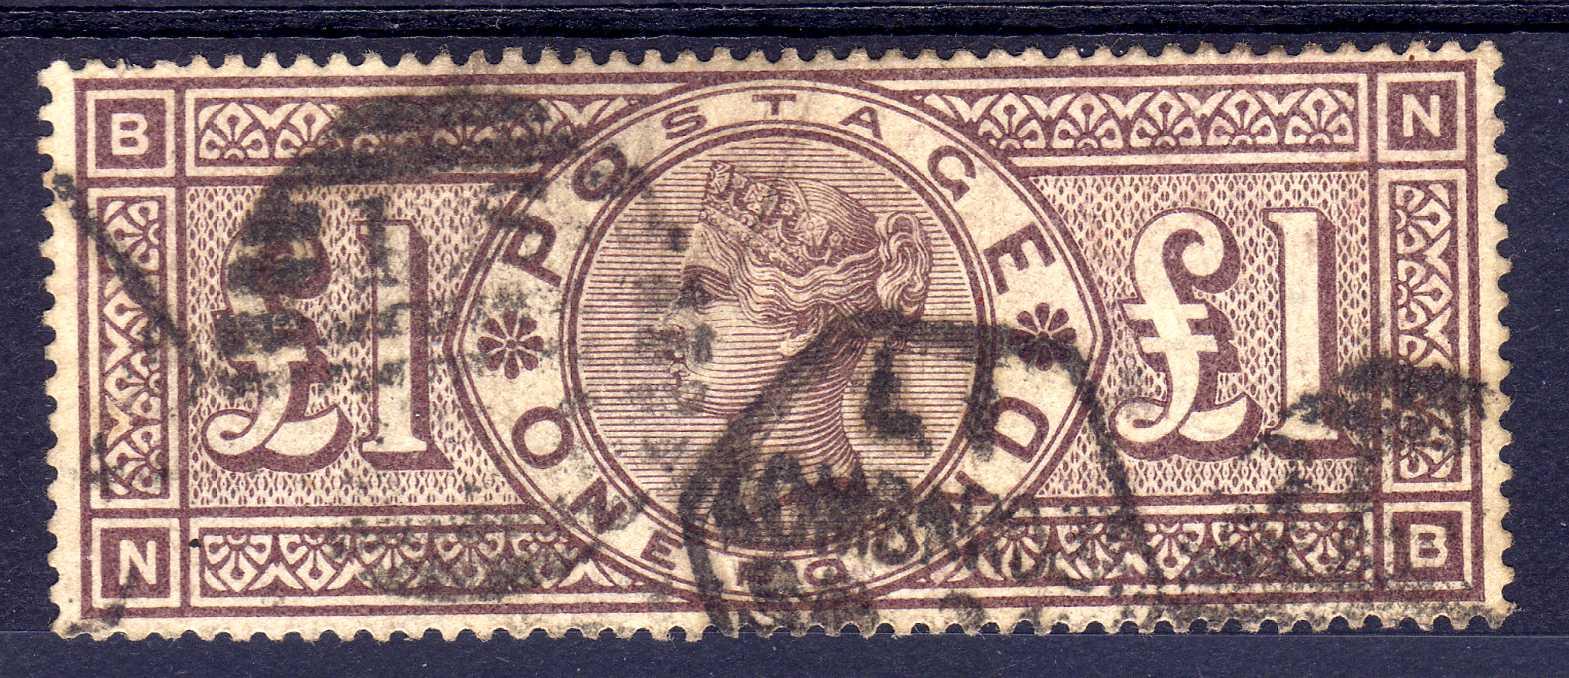 GB: 1884 £1 BROWN-LILAC WMK CROWNS, SOUN